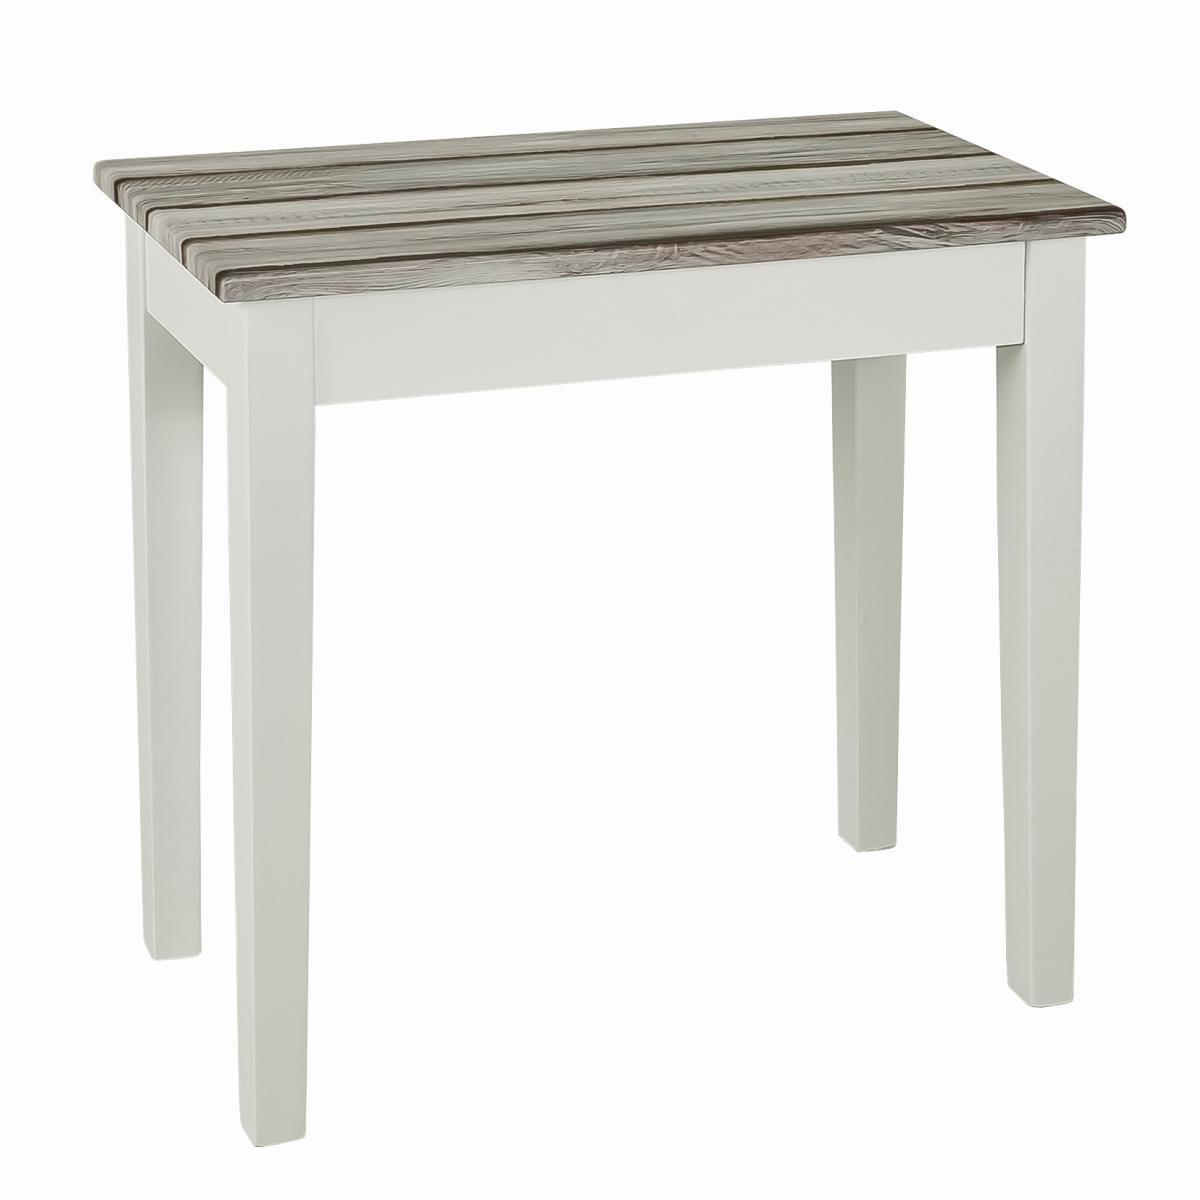 HAKU Furniture 51244 Console, 61 x 30 x 30 cm